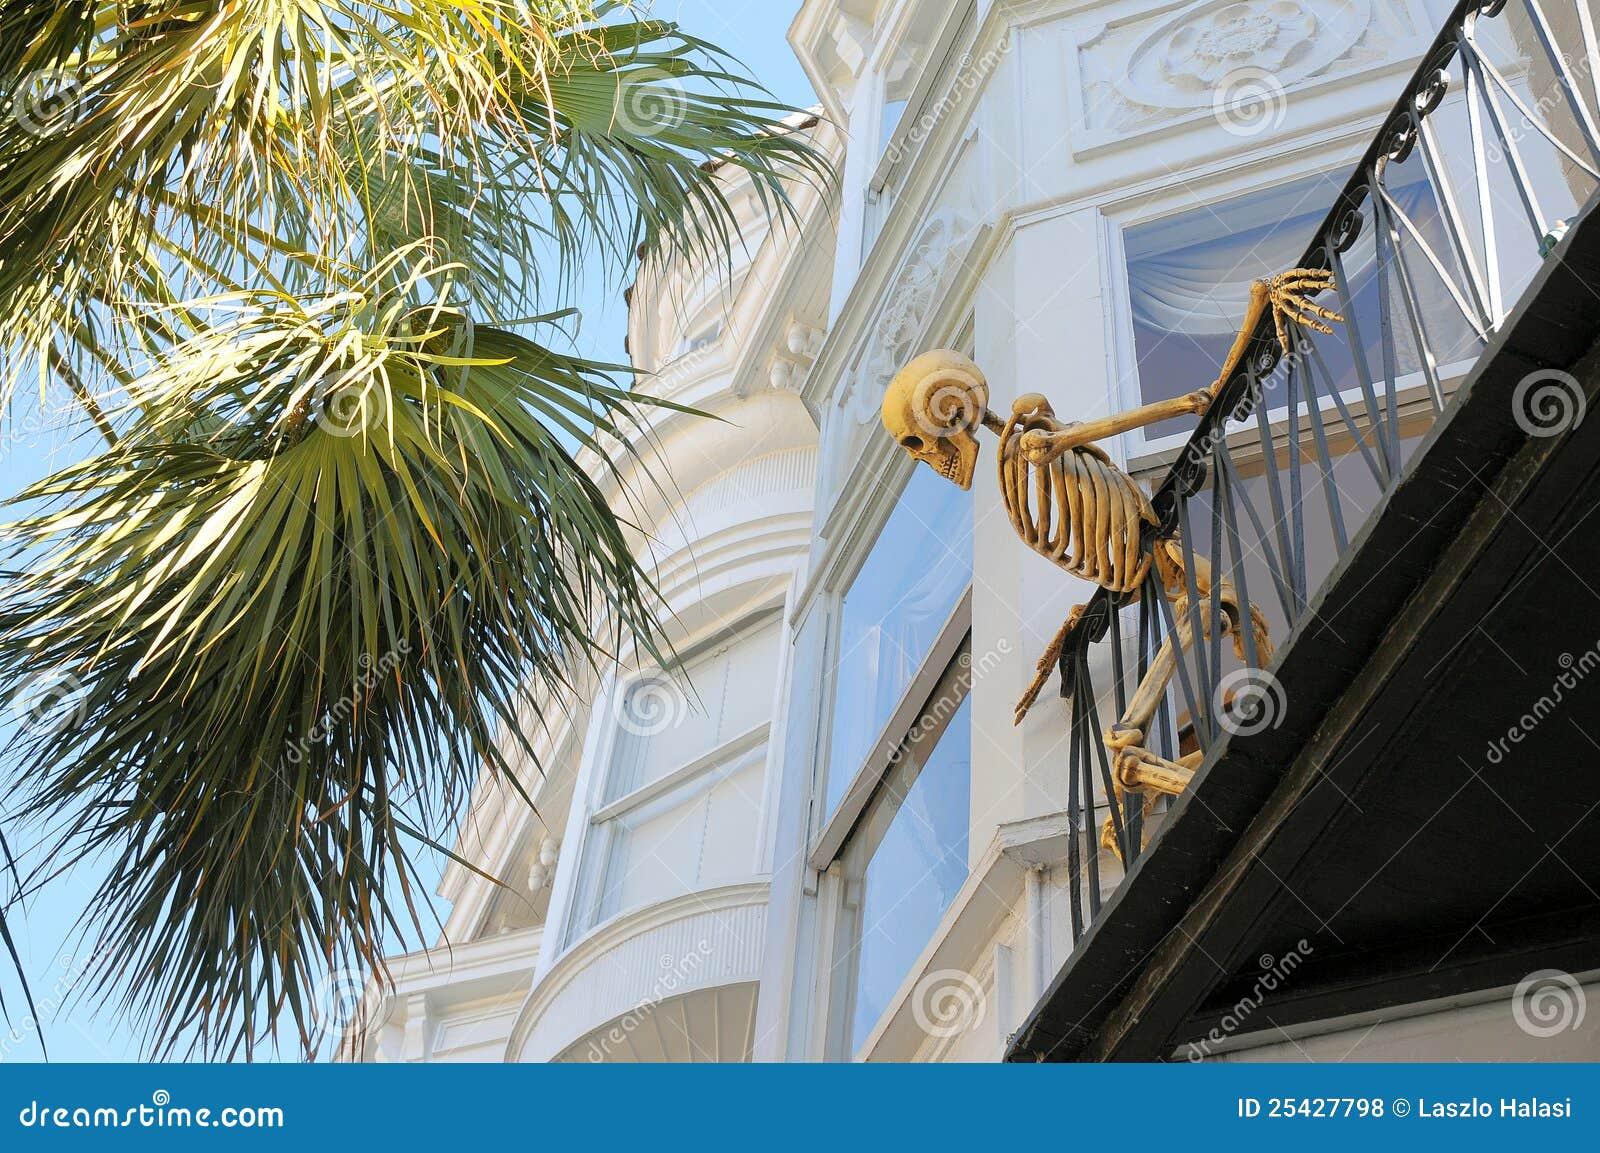 squelette sur le balcon photos libres de droits image 25427798. Black Bedroom Furniture Sets. Home Design Ideas